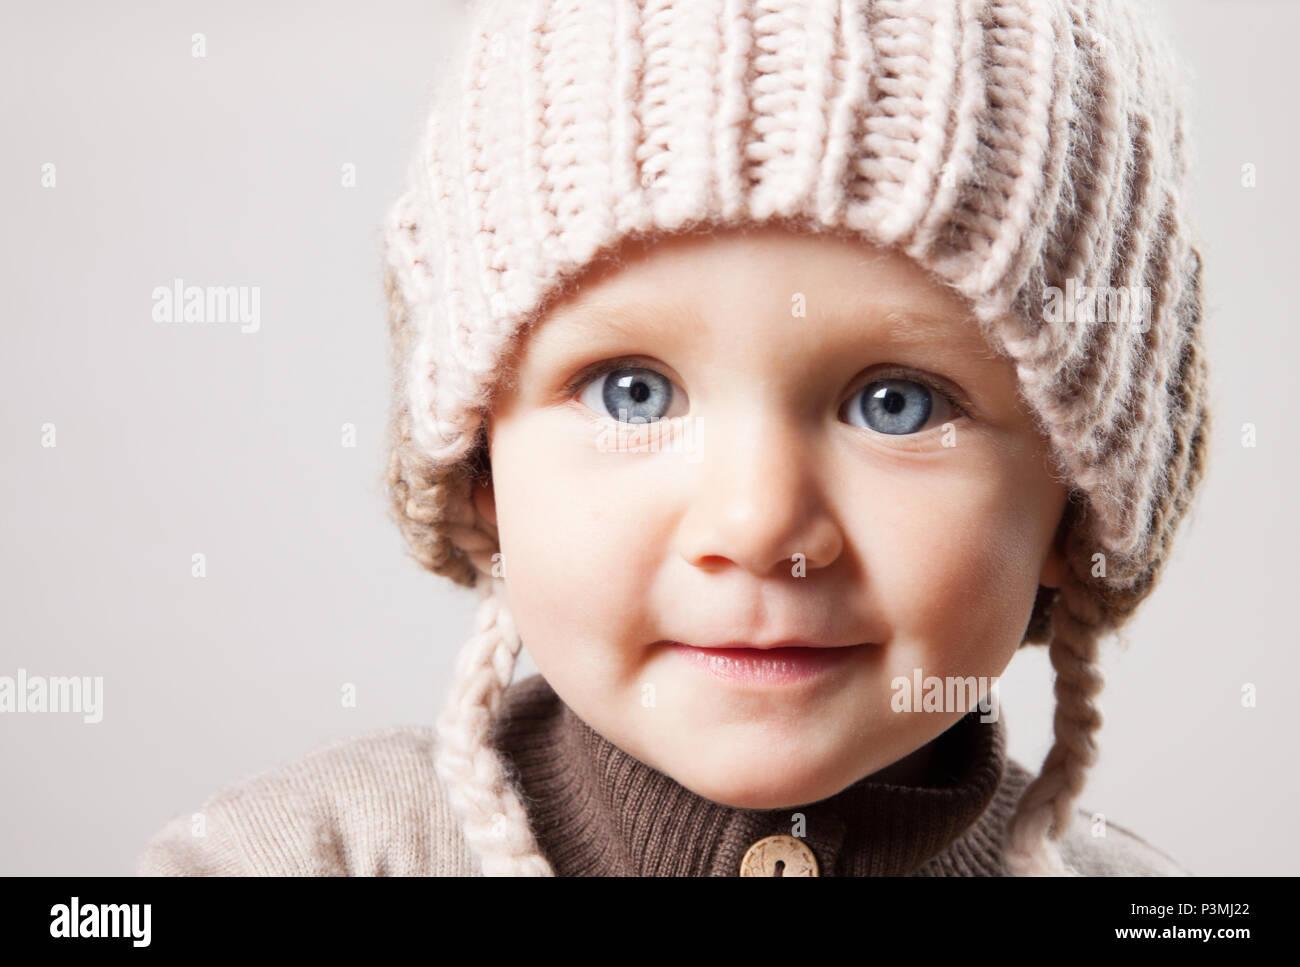 Retrato de un lindo bebé niña en un enorme gorro de punto marrón. Aislado  sobre a856ae19f1c